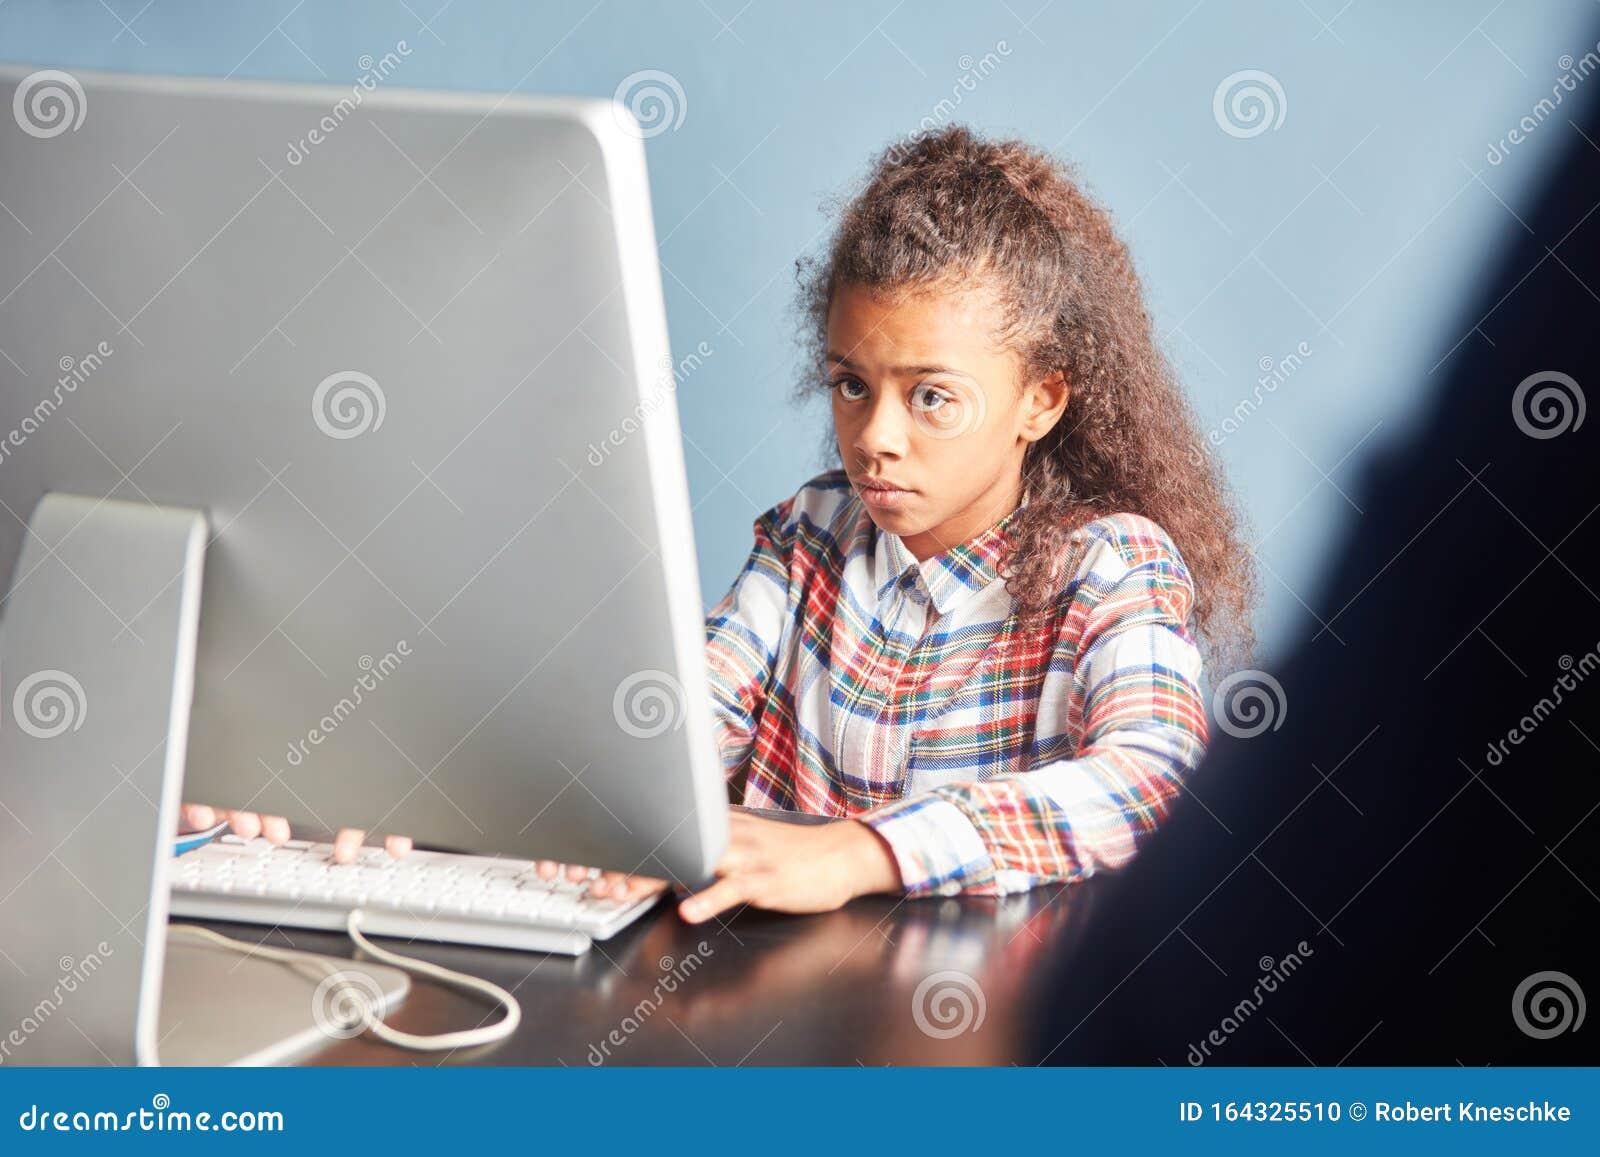 девушка модель работы компьютера информатика